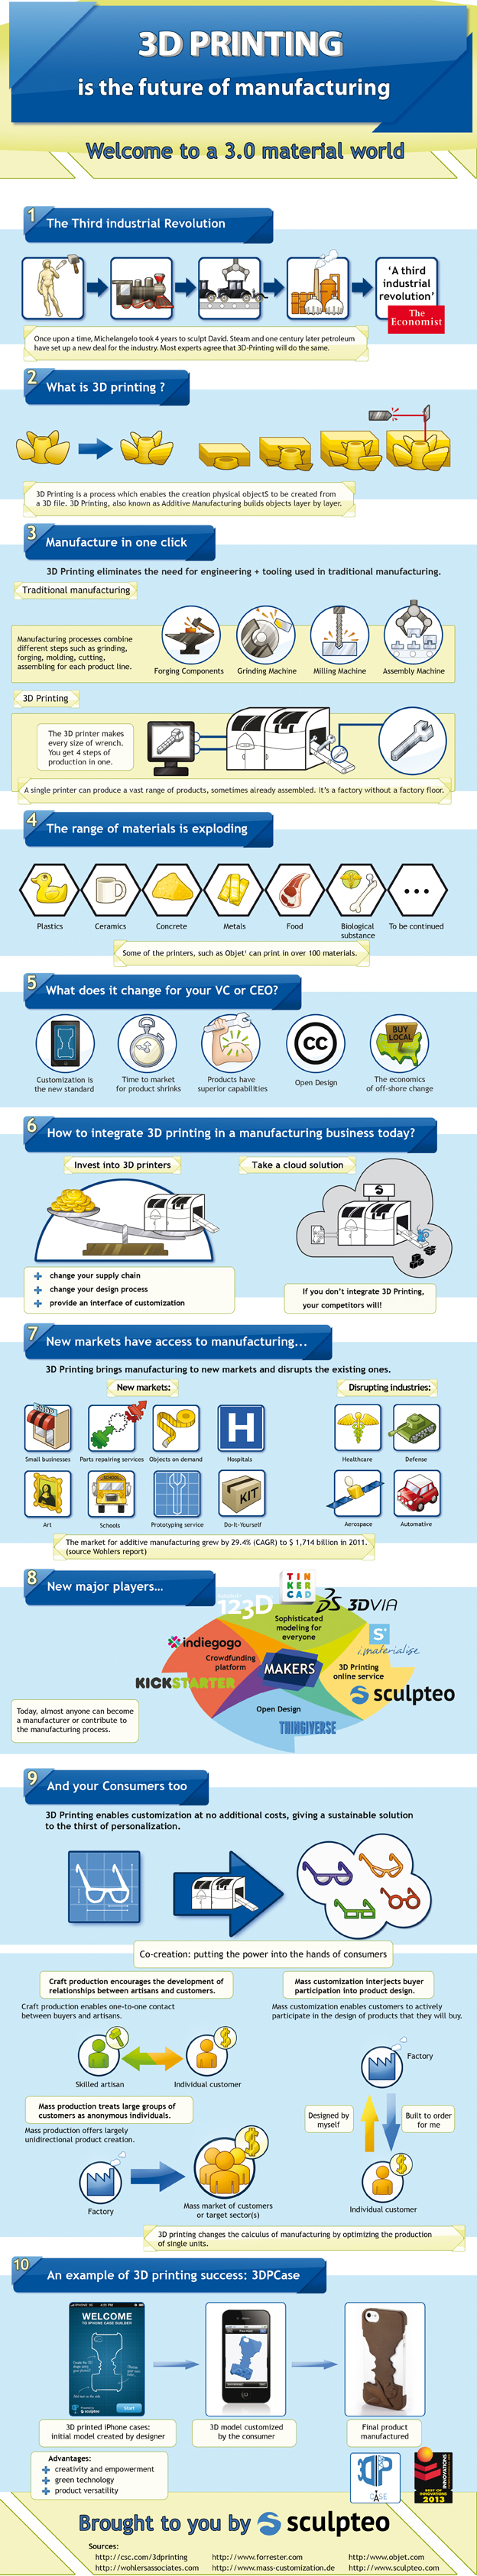 Cómo la impresión 3D va a cambiar la fabricación